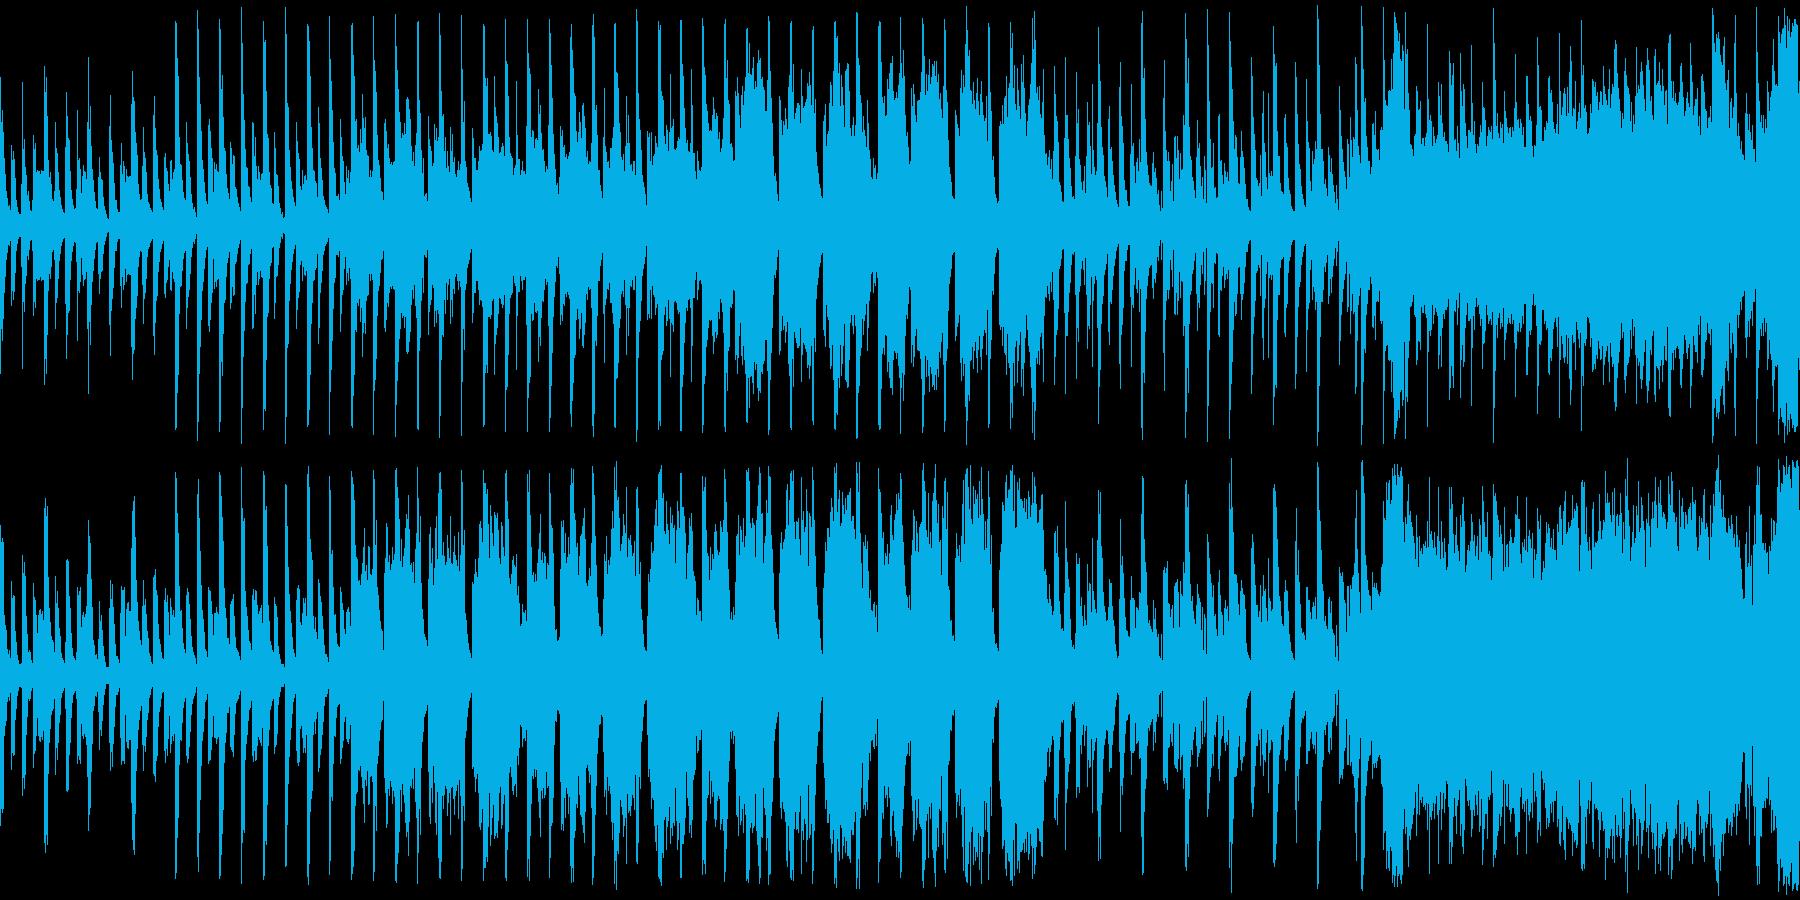 緊迫感を煽るホラー系BGMの再生済みの波形